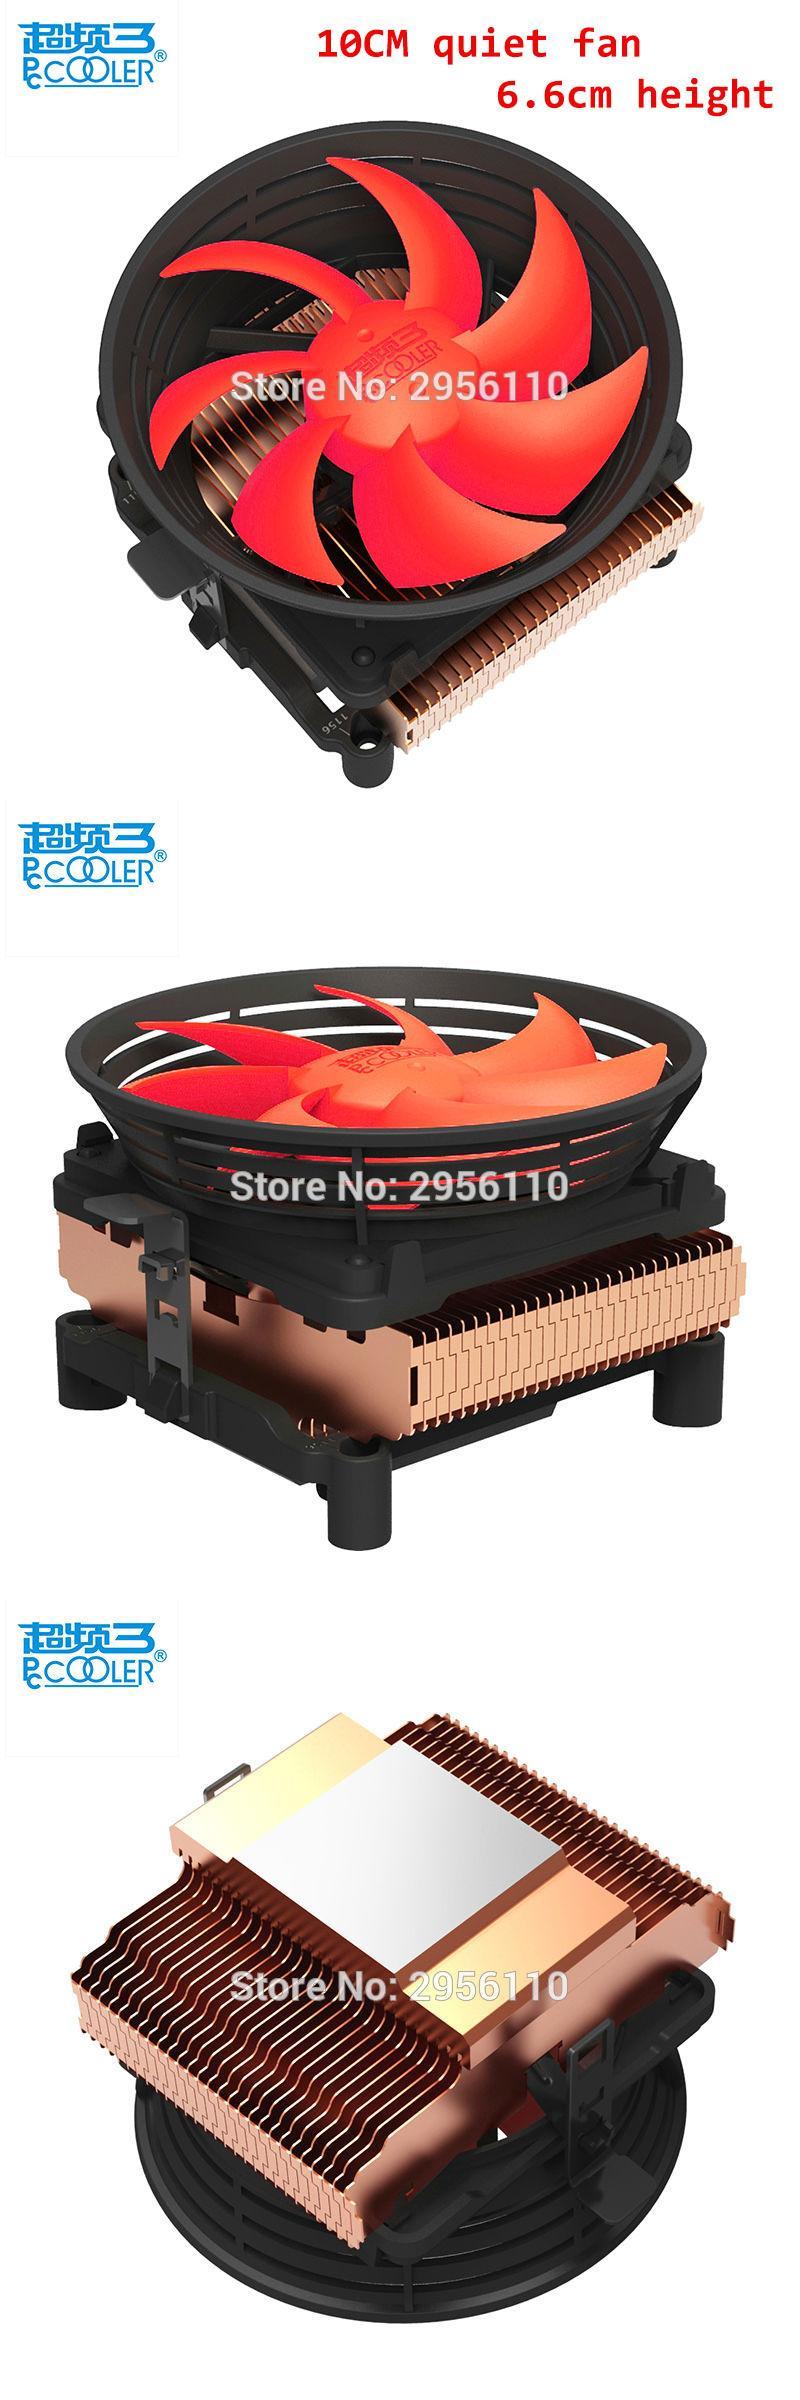 [Visit to Buy] Pccooler cpu cooler 10cm quiet 4pin PWM fan